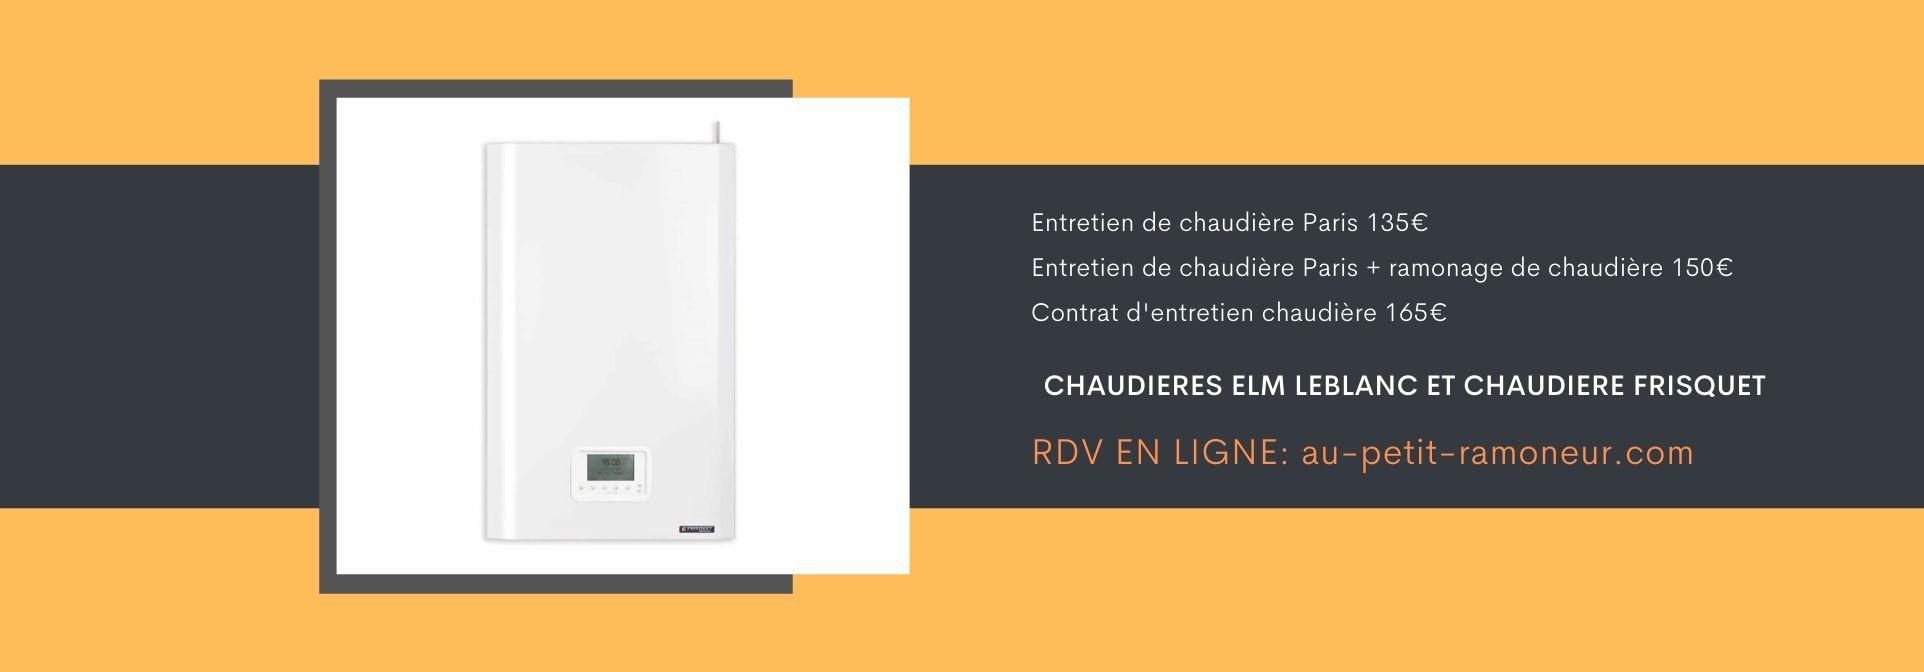 Entretien de chaudière Paris 75015